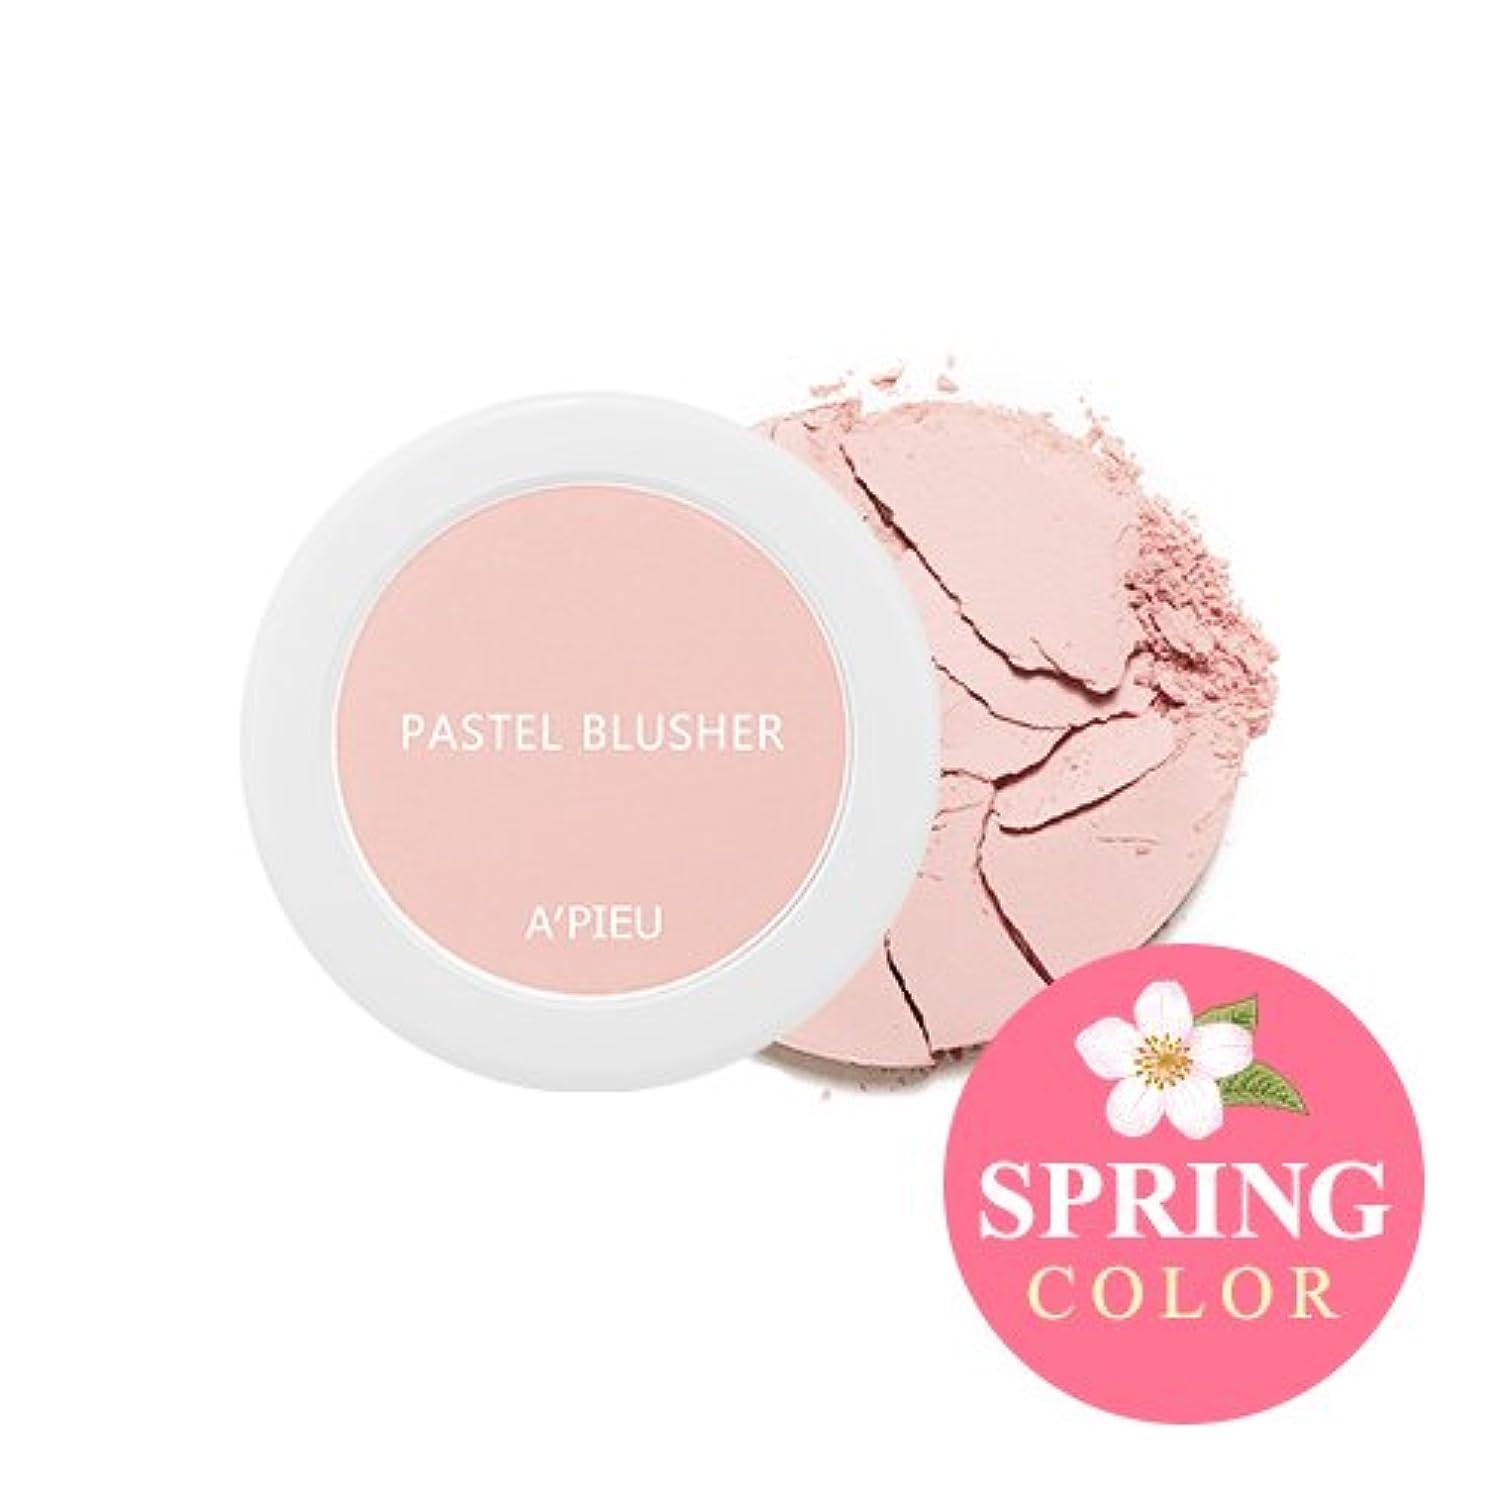 堤防キャベツ老朽化したA'PIEU Pastel Blusher #PK07 [アピュ/オピュ]パステル ブラッシャー #PK07 [並行輸入品]